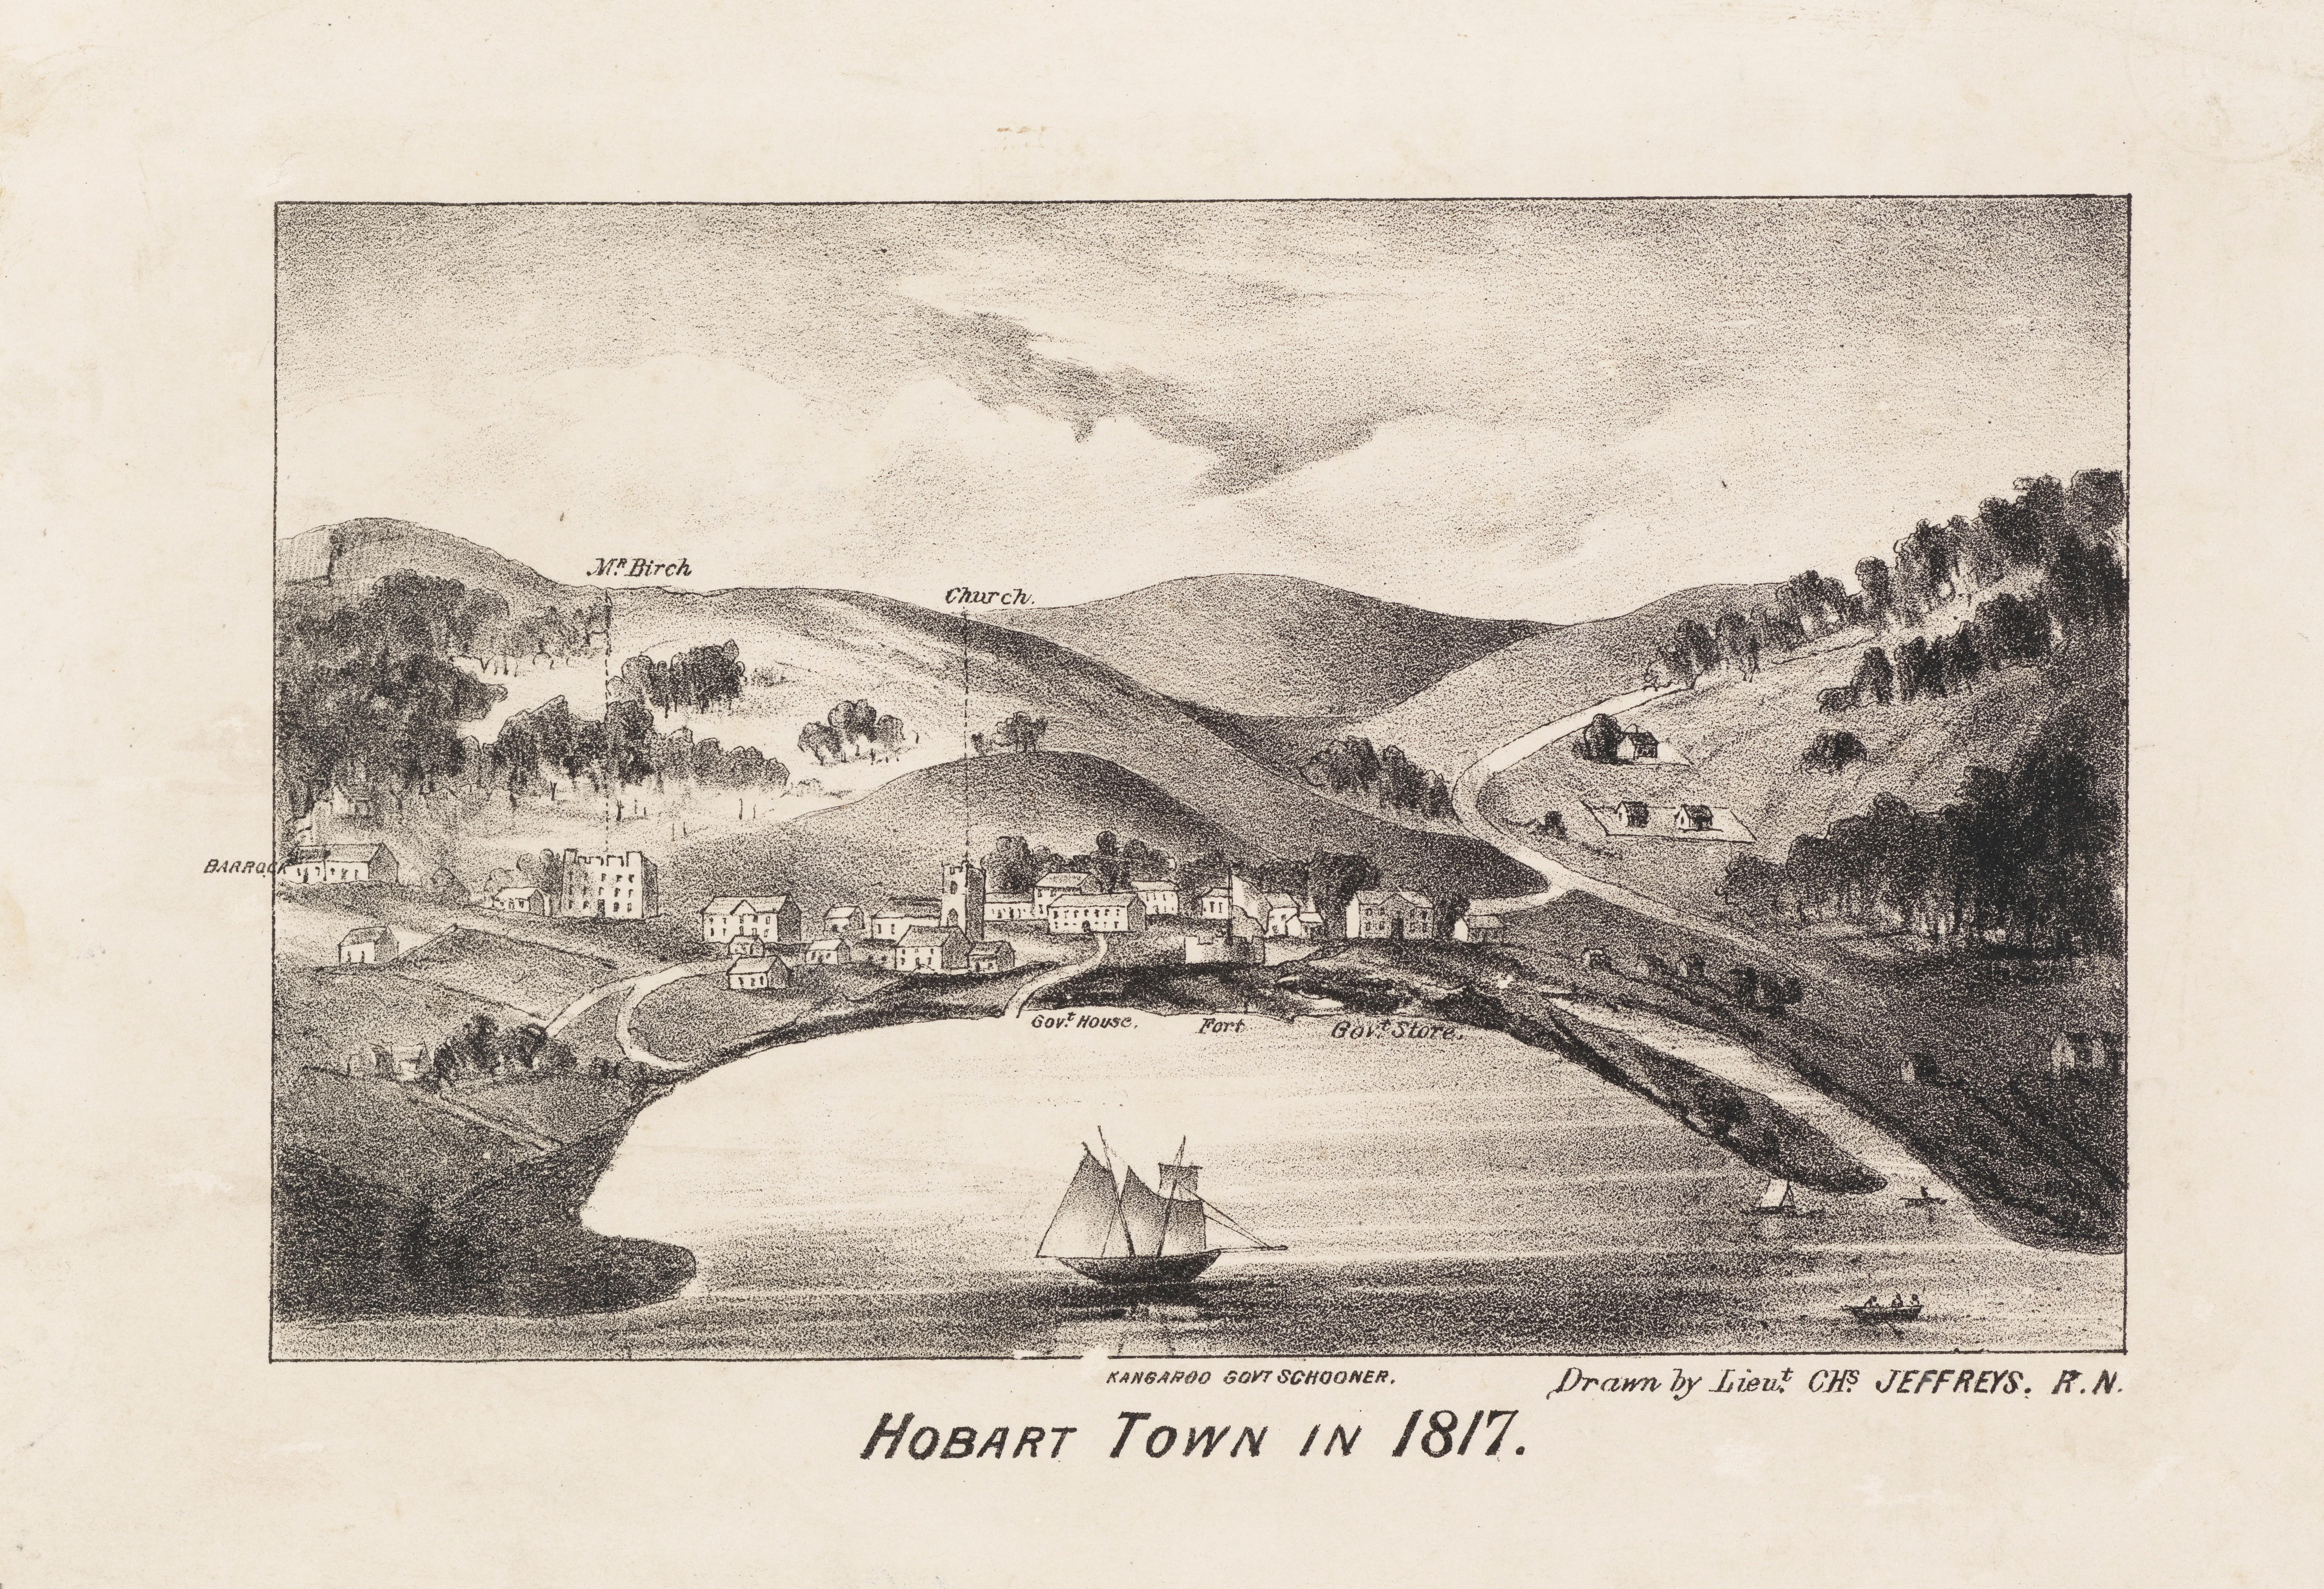 Hobart Town in 1817